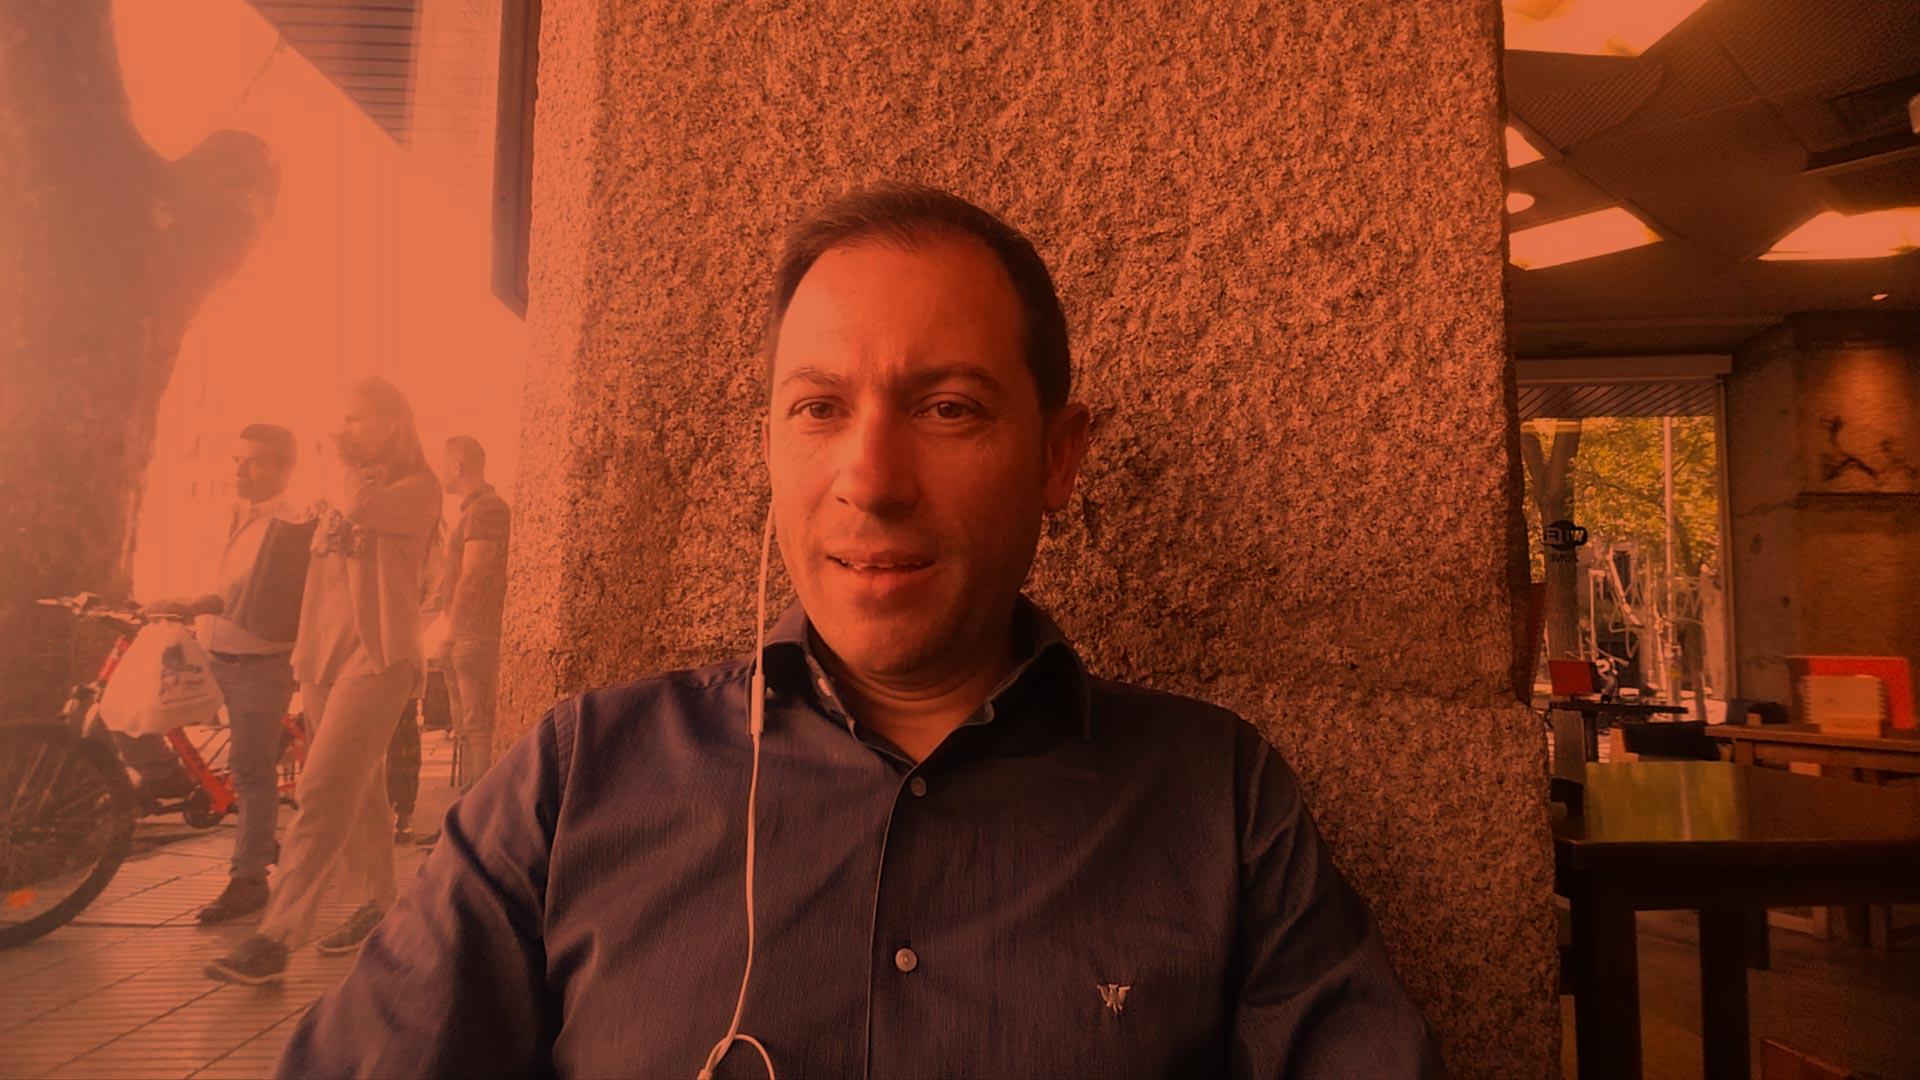 Hector-Robles_Pildoras-Innovacion-Real-247-Cabecera-Blog